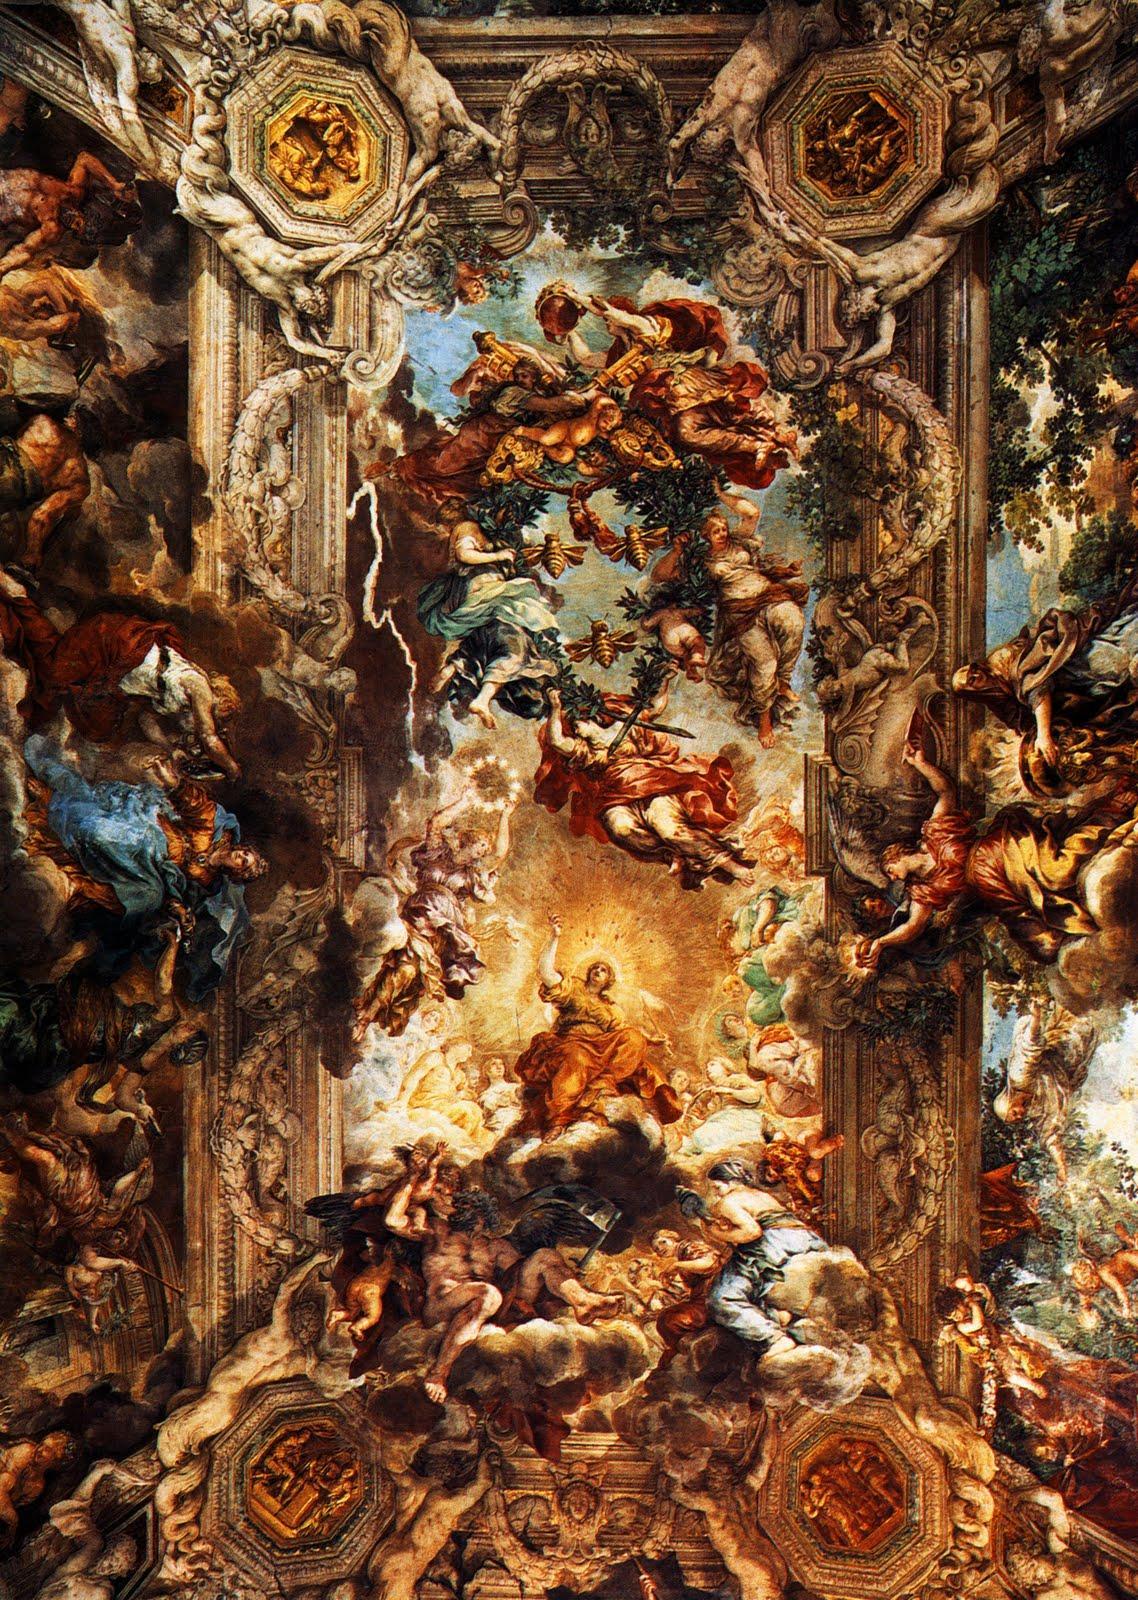 jpg_1639_Pierre_de_Cortone_Triomphe_de_la_Divine_Providence_Fresque_Rome_palazzo_Barberini.jpg (1138×1600)